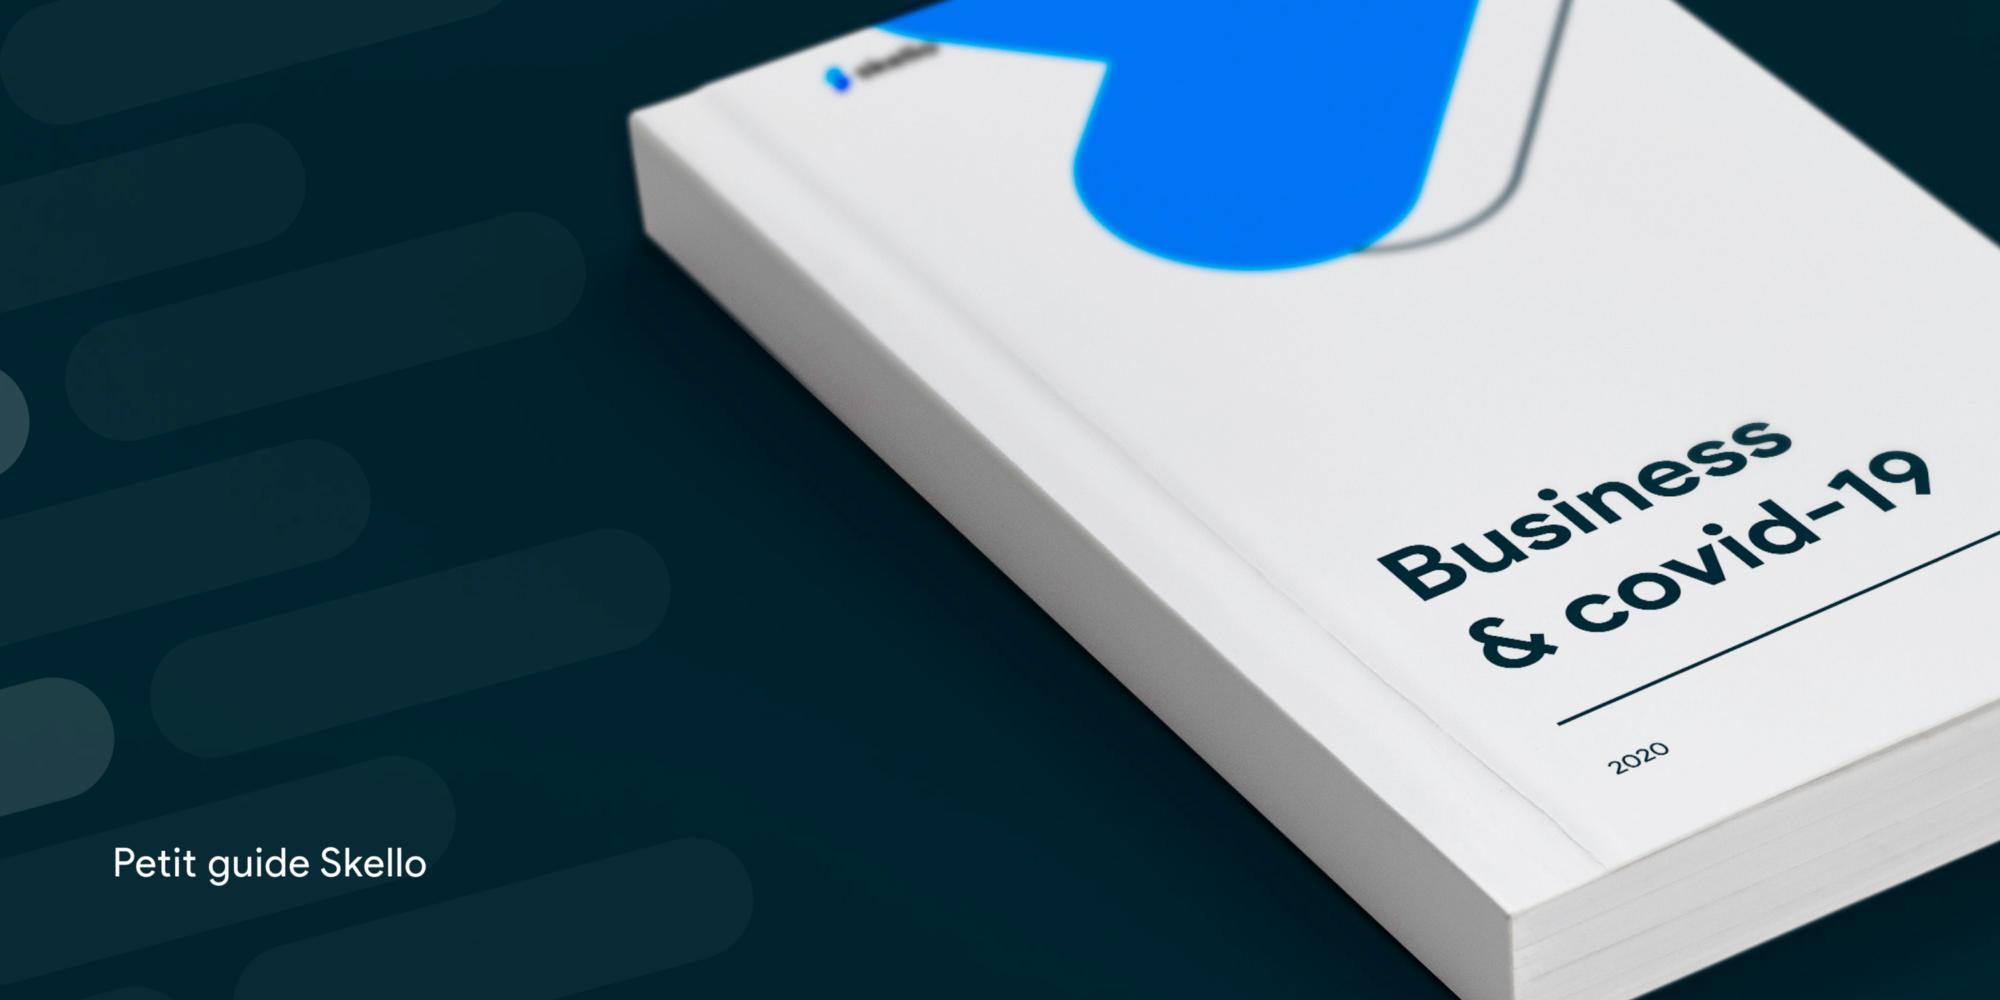 Le guide de poche Skello: business & covid-19